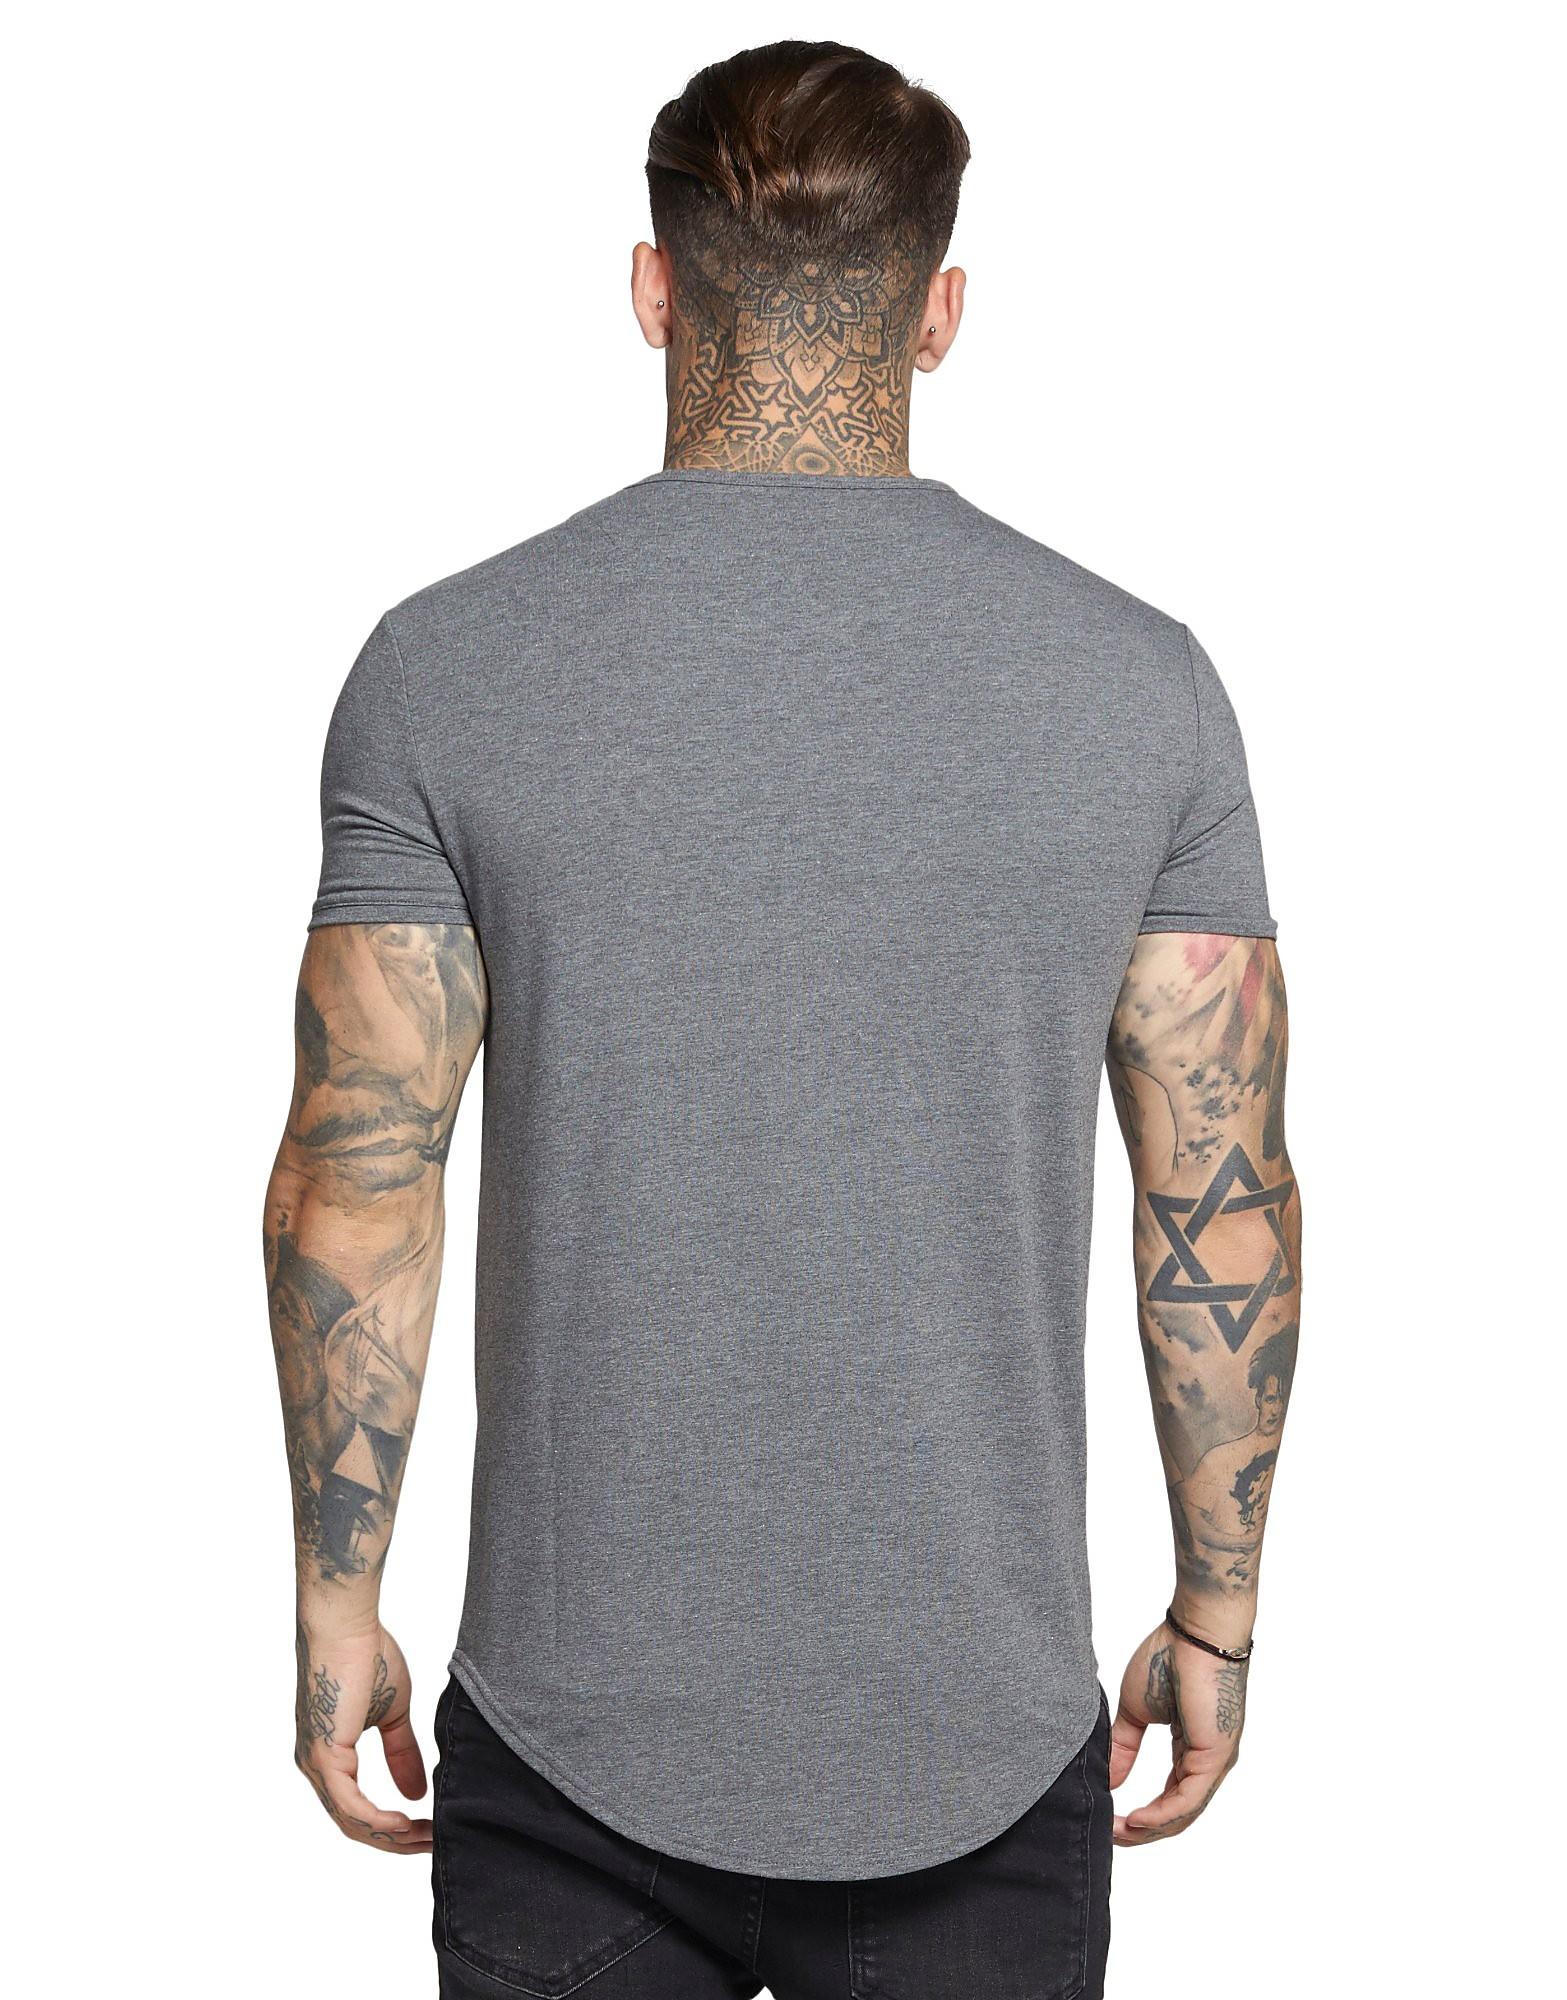 SikSilk Core Gym T-Shirt